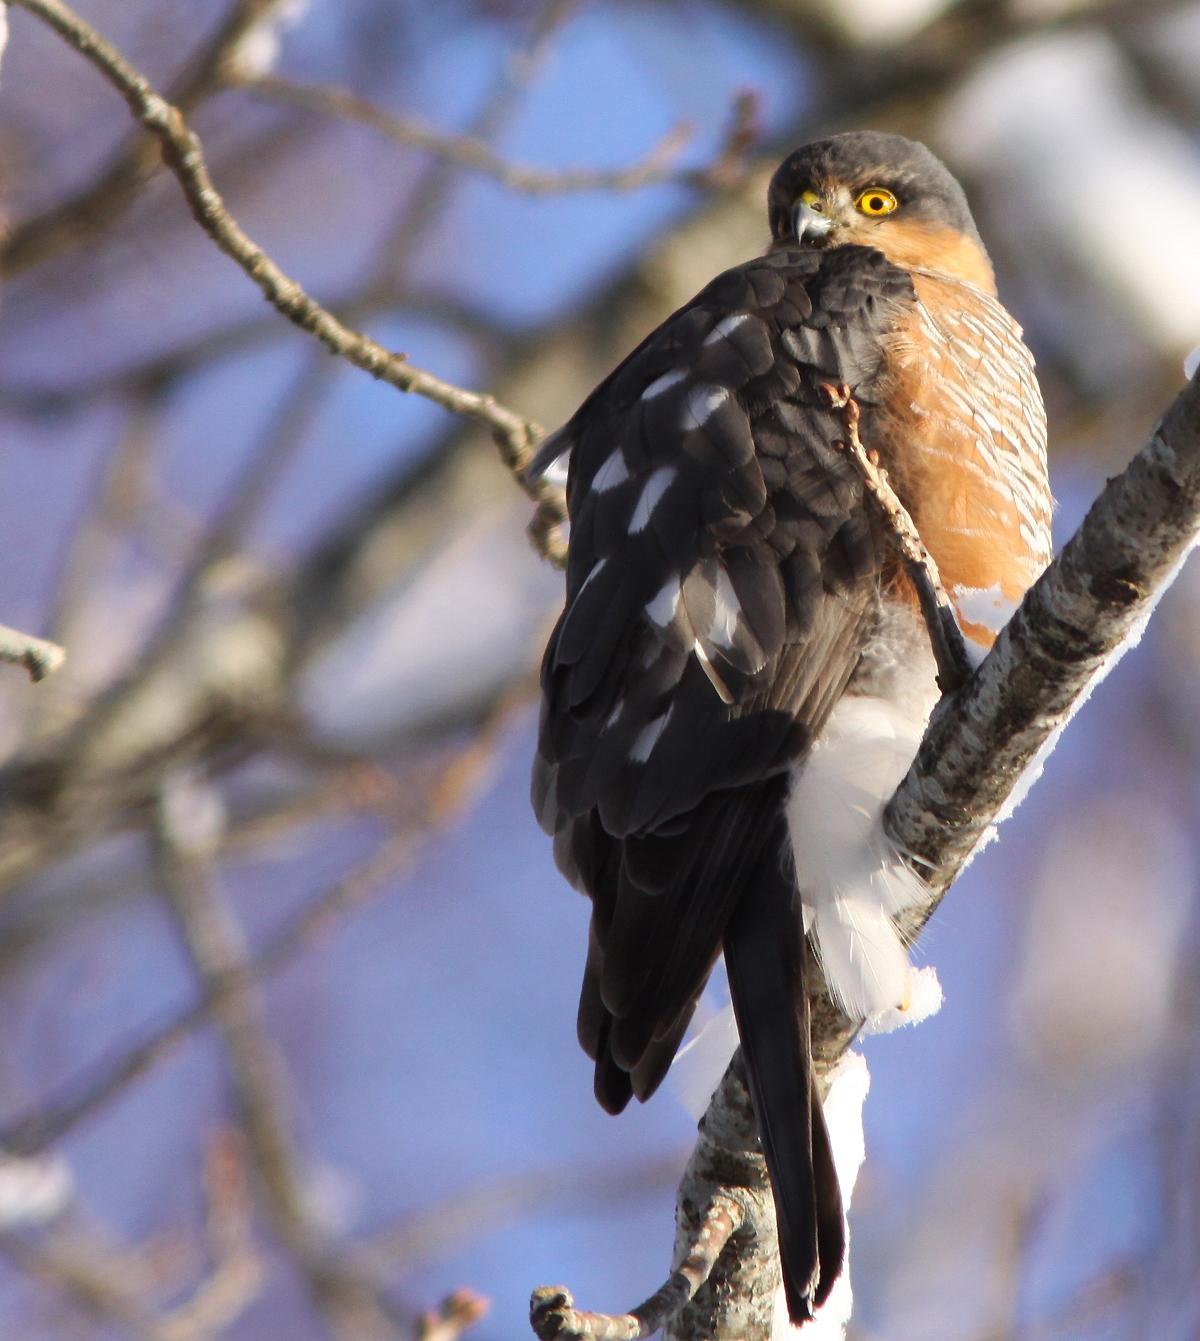 Sparvhök, hane (Accipiter nisus, Eur. Sparrowhawk) Söder, Växjö, Sm.